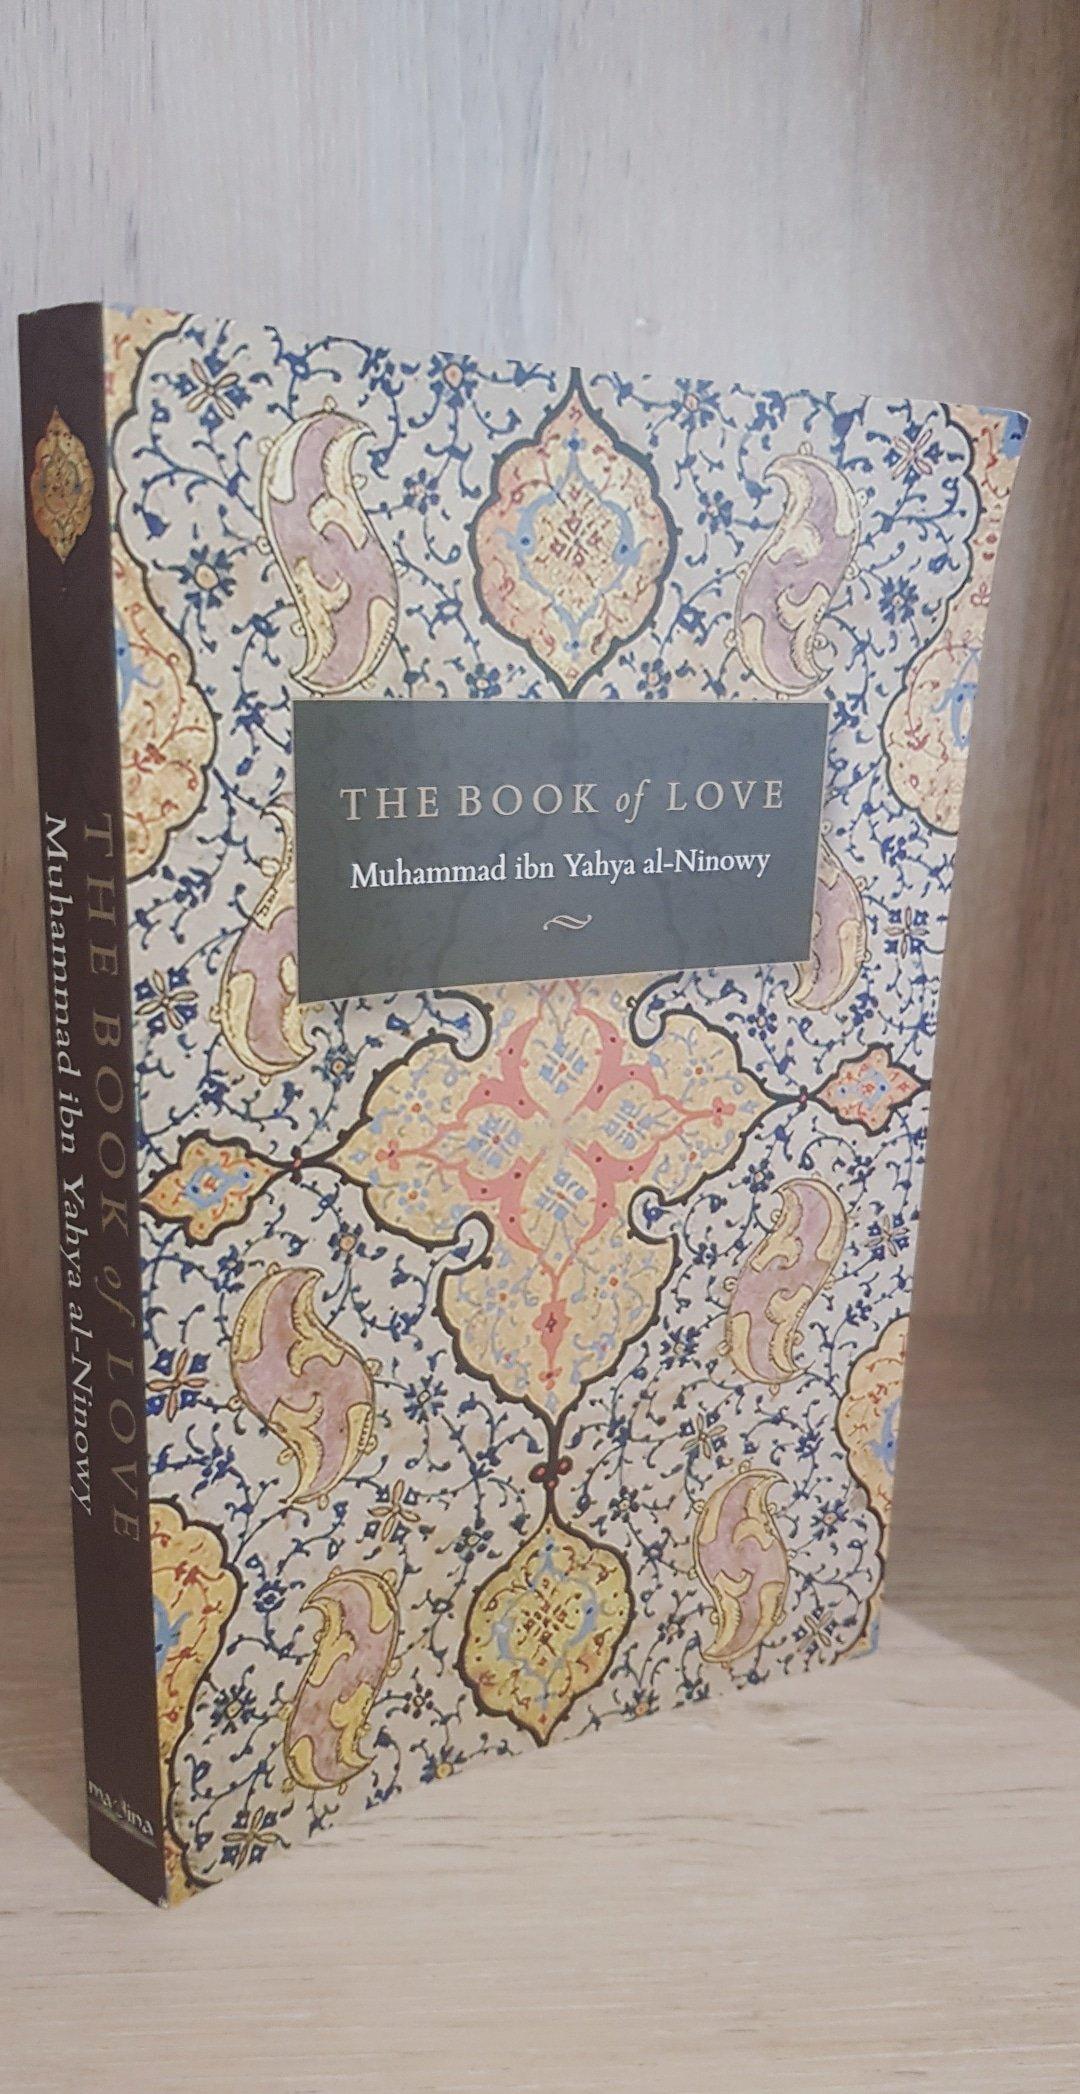 The Book of Love - Muhammad bin Yahya al-Ninowy